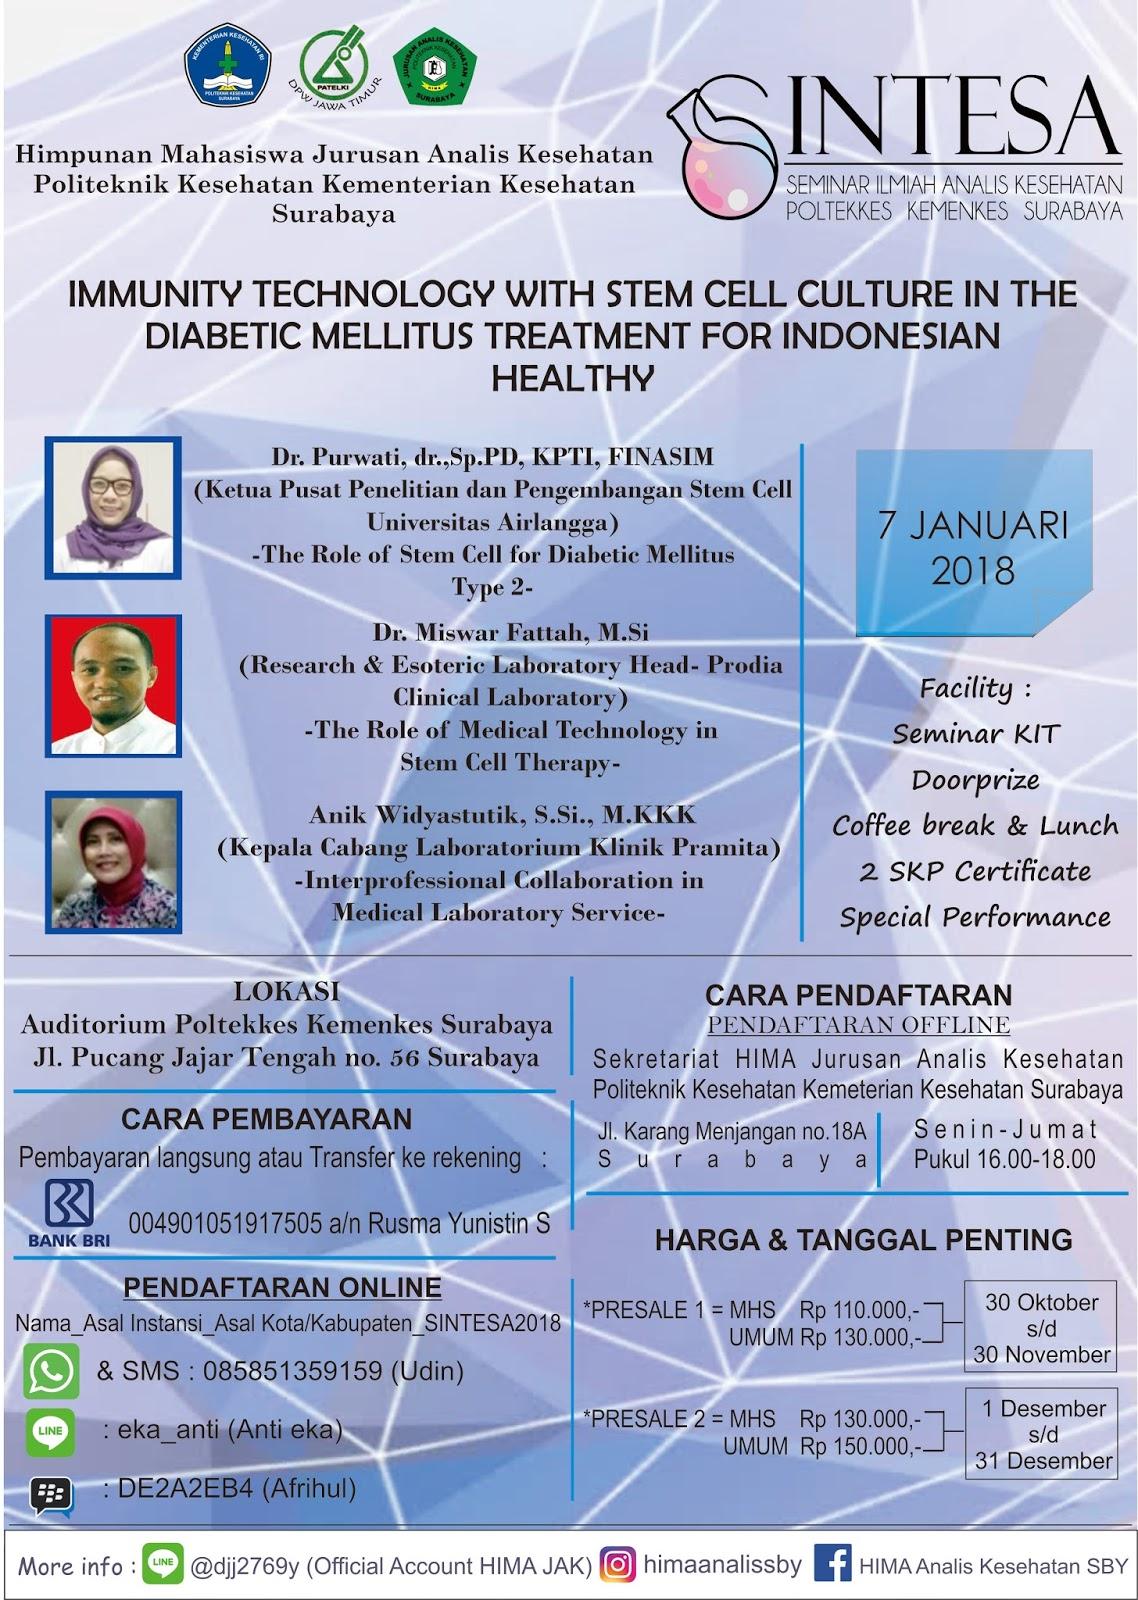 Seminar Ilmiah Analis Kesehatan Poltekkes Kemenkes